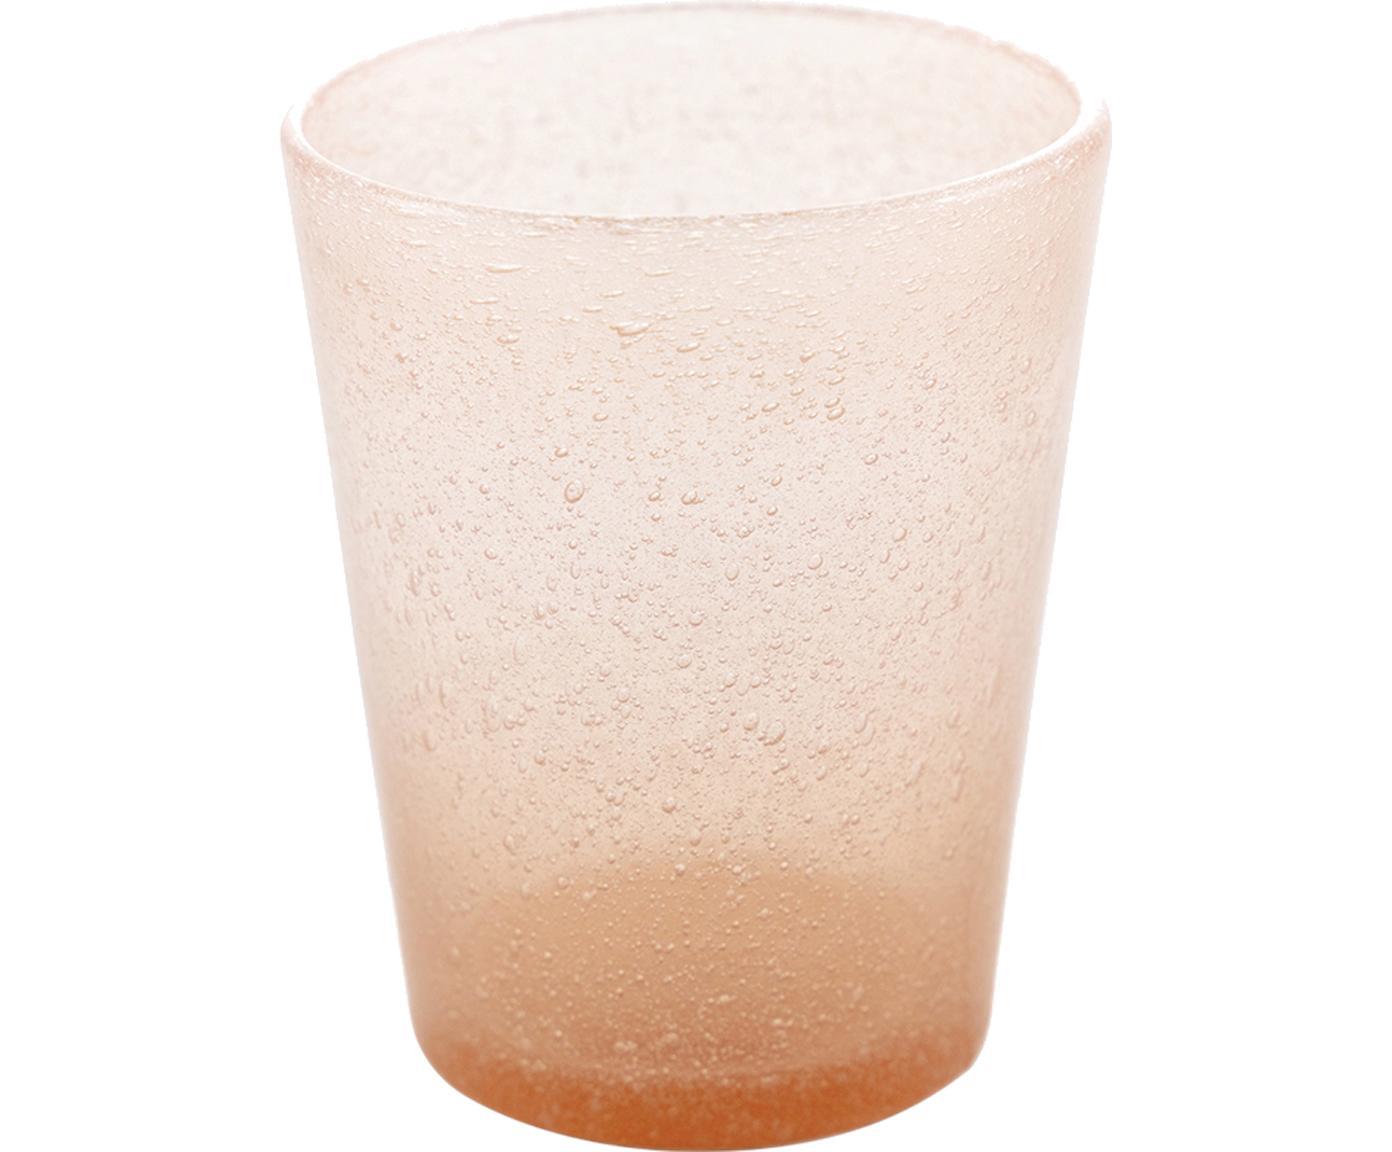 Bicchiere acqua Cancun 6 pz, Vetro soffiato, Salmone, Ø 8 x Alt. 10 cm